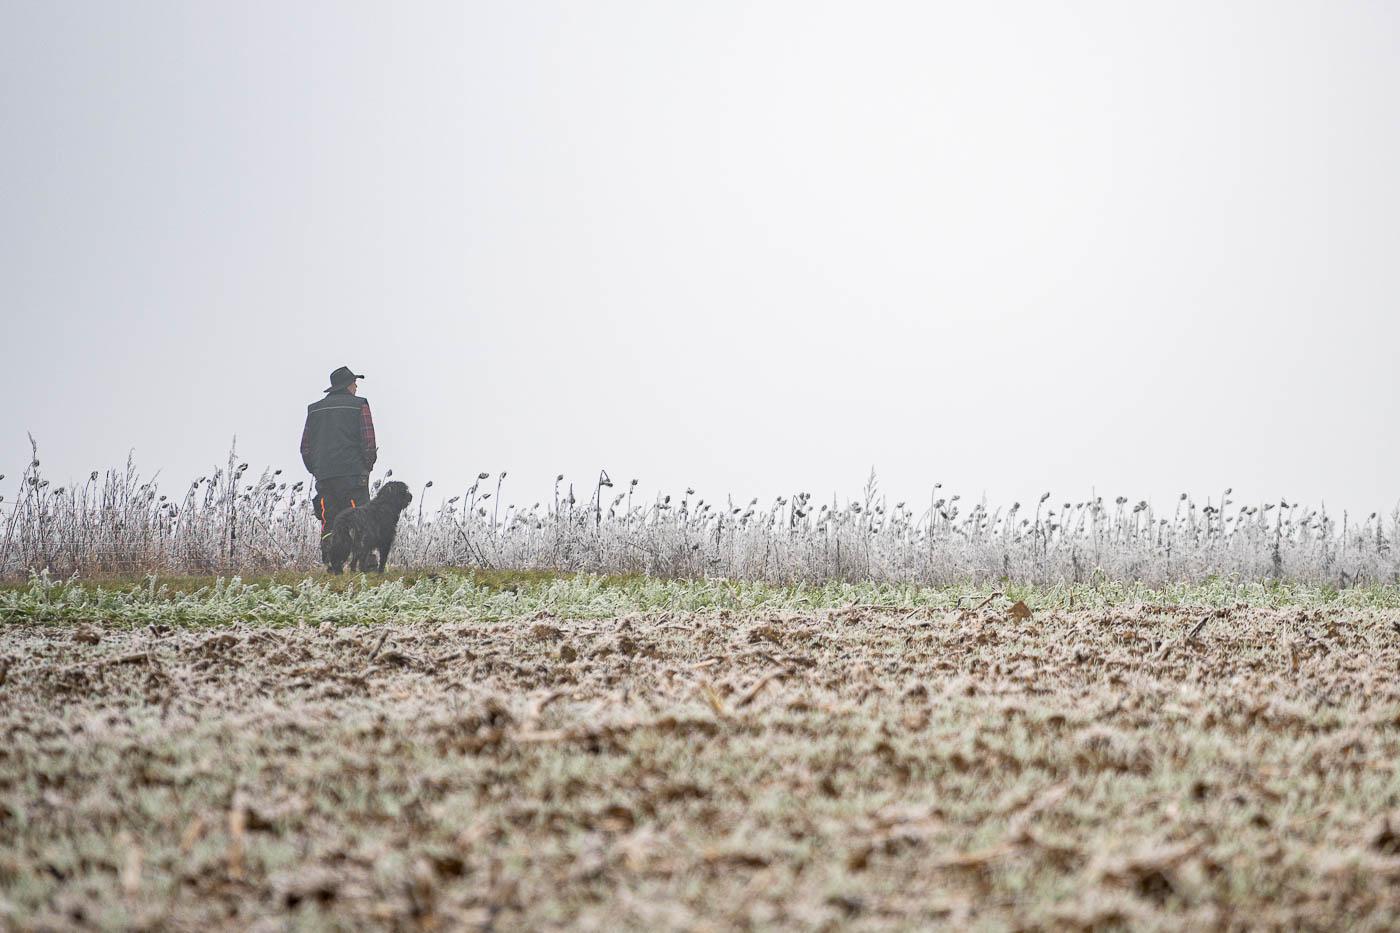 Schäfer auf dem gefrorenen Feld